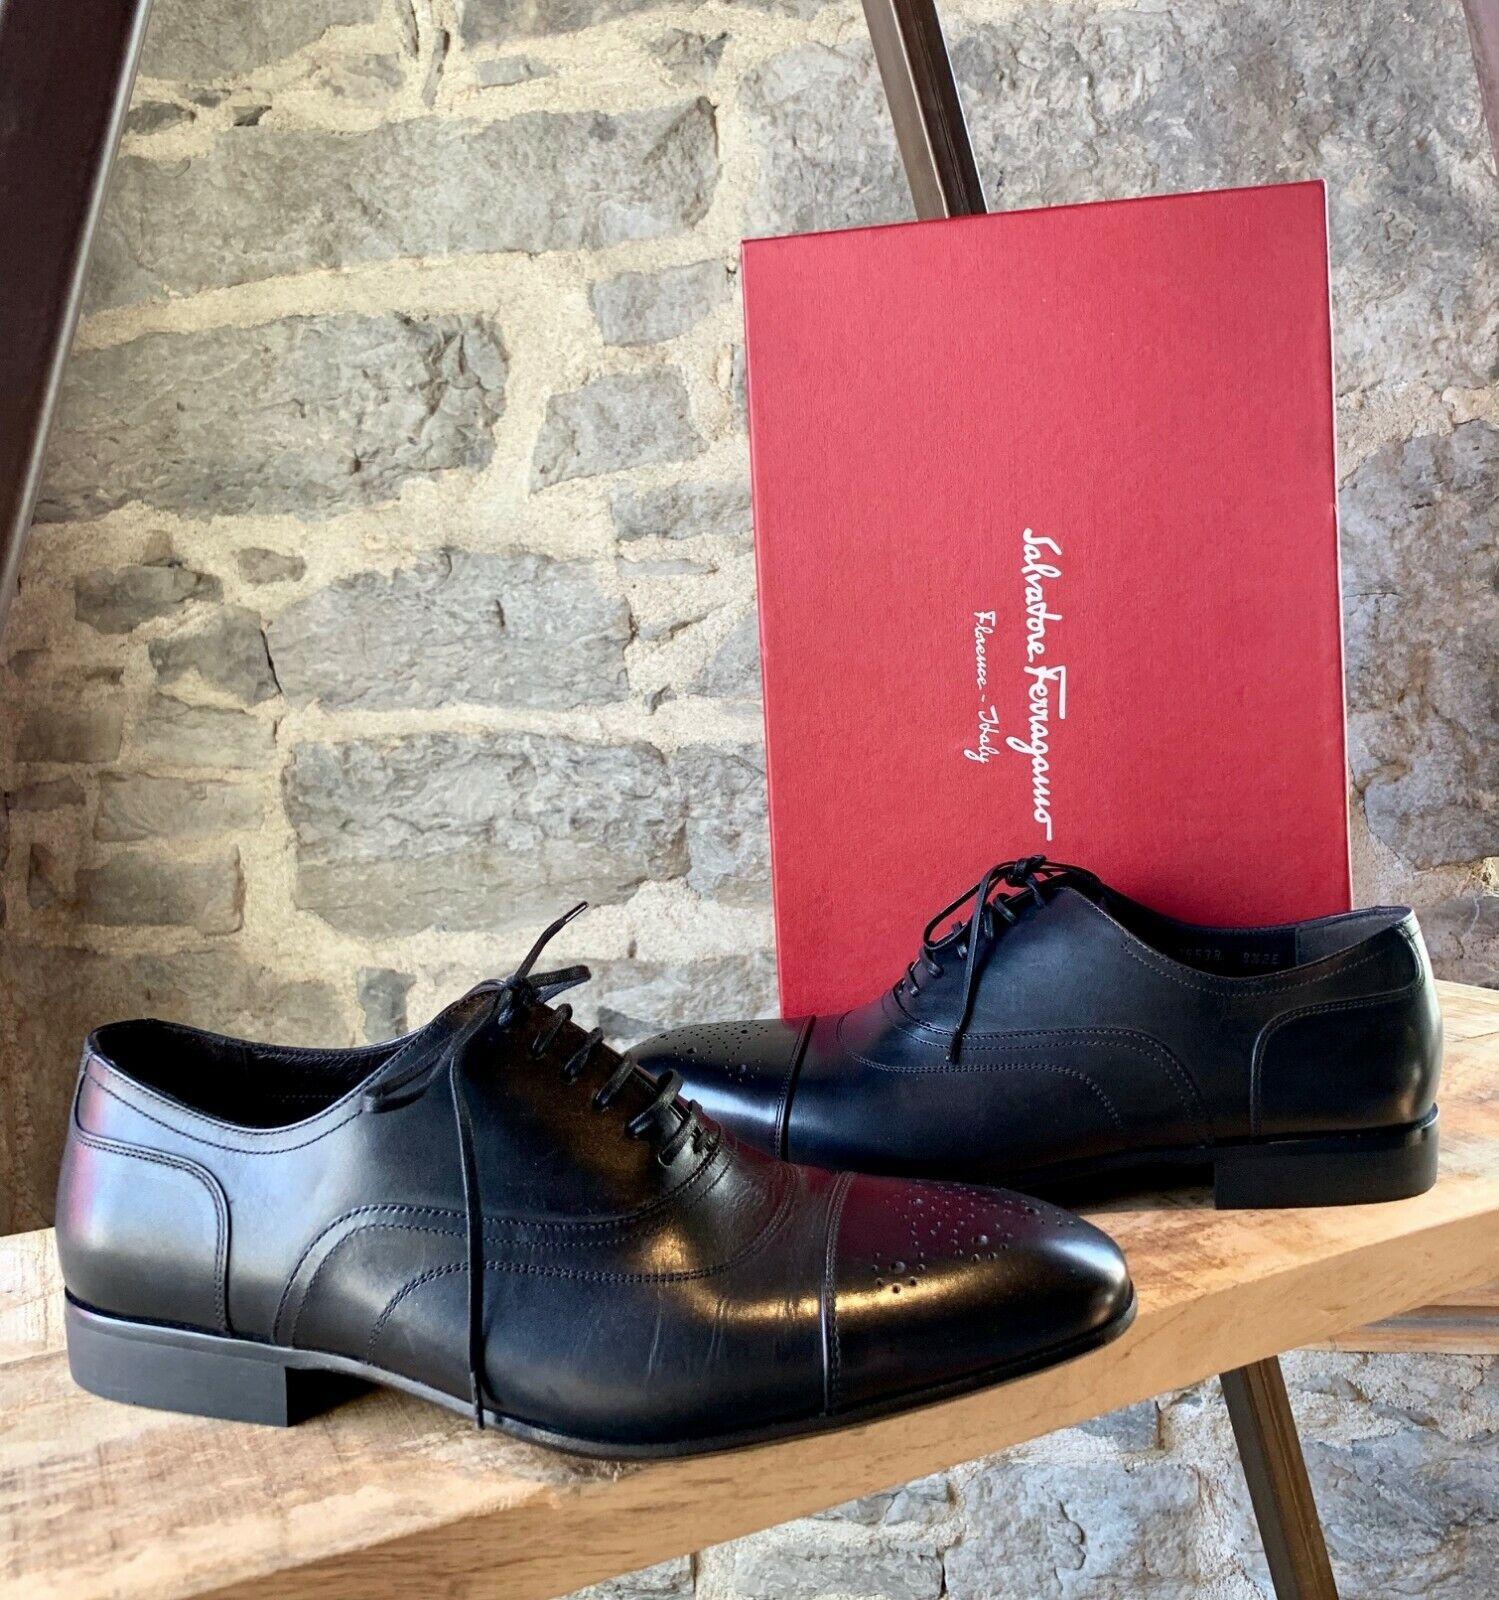 Salvatore Ferragamo Black Oxford Lace-up shoes - Size 8.5 UK - 9.5 US - 42.5 IT